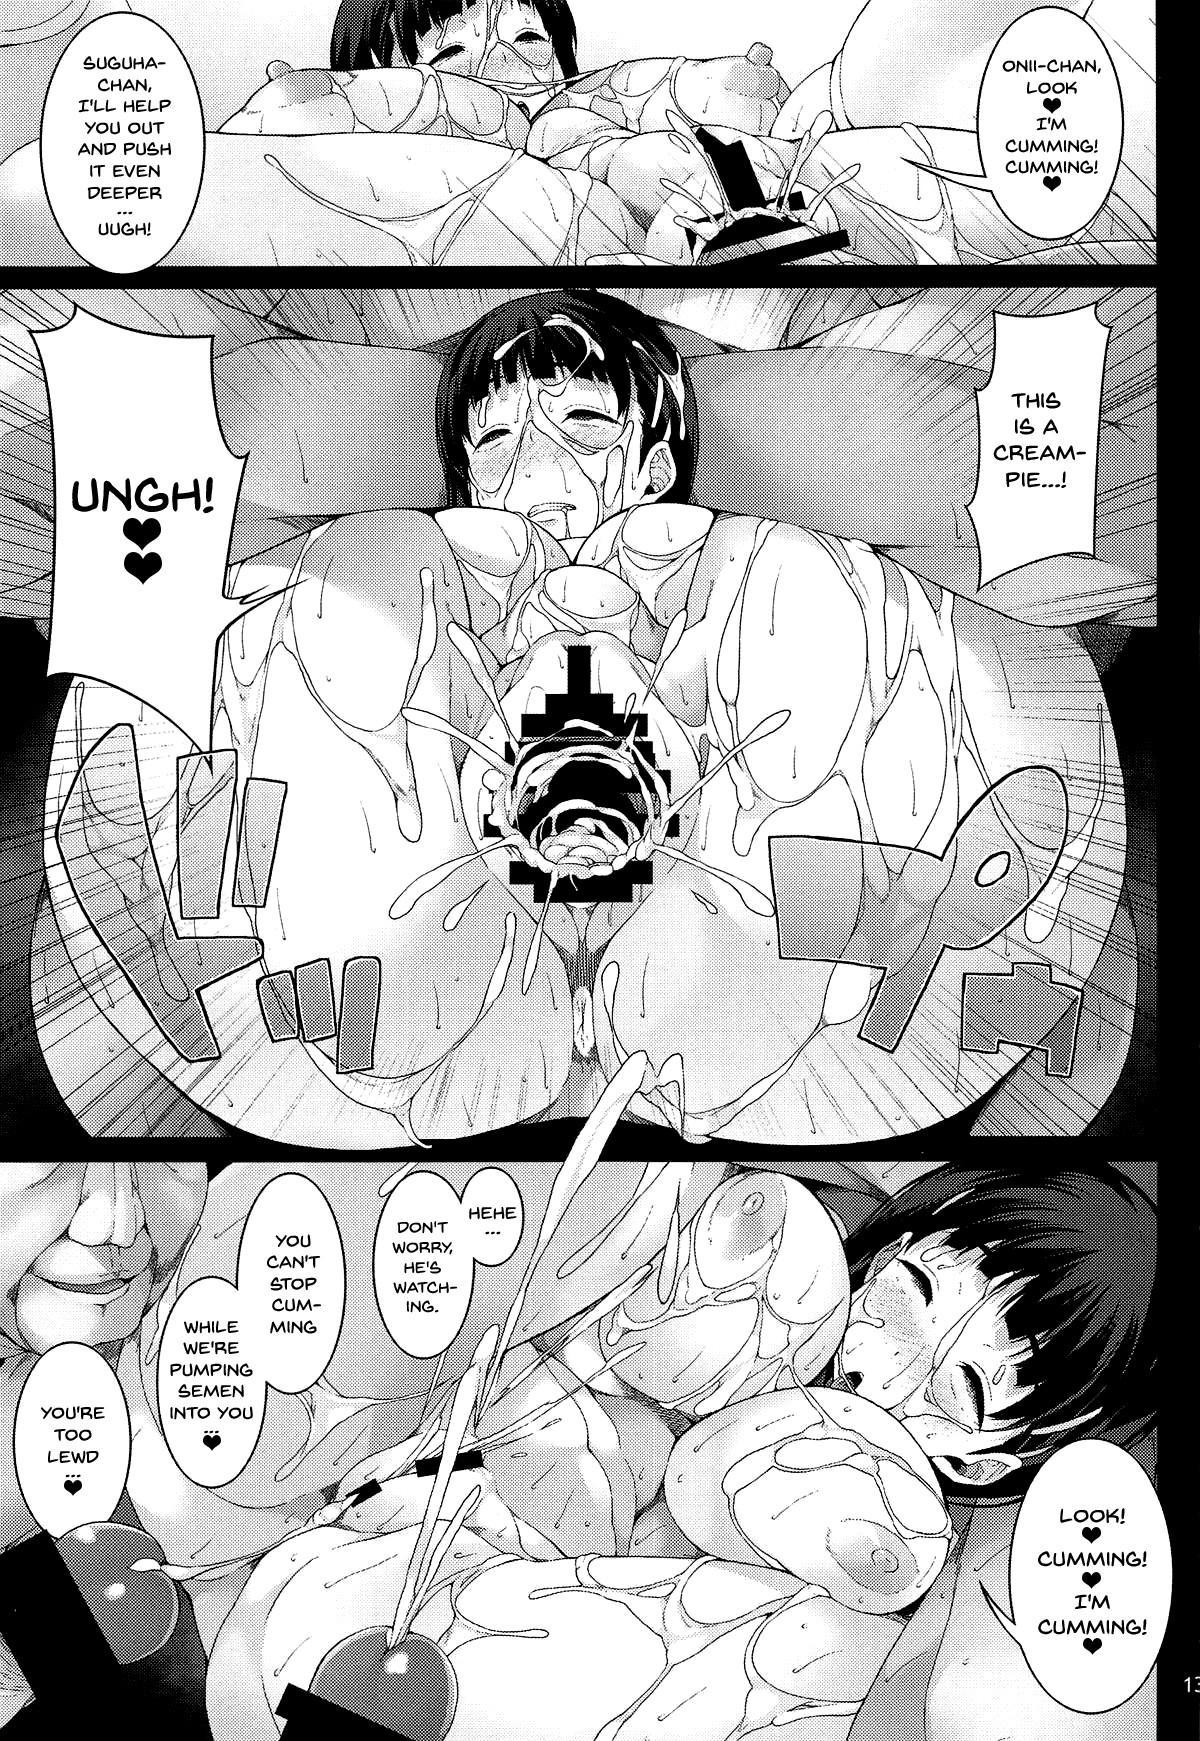 (C95) [waterwheel (Shirota Dai)] Suguha-chan Seiiku Shidou | Suguha-chan's Sexual Guidance (Sword Art Online) [English] {Doujins.com} 12